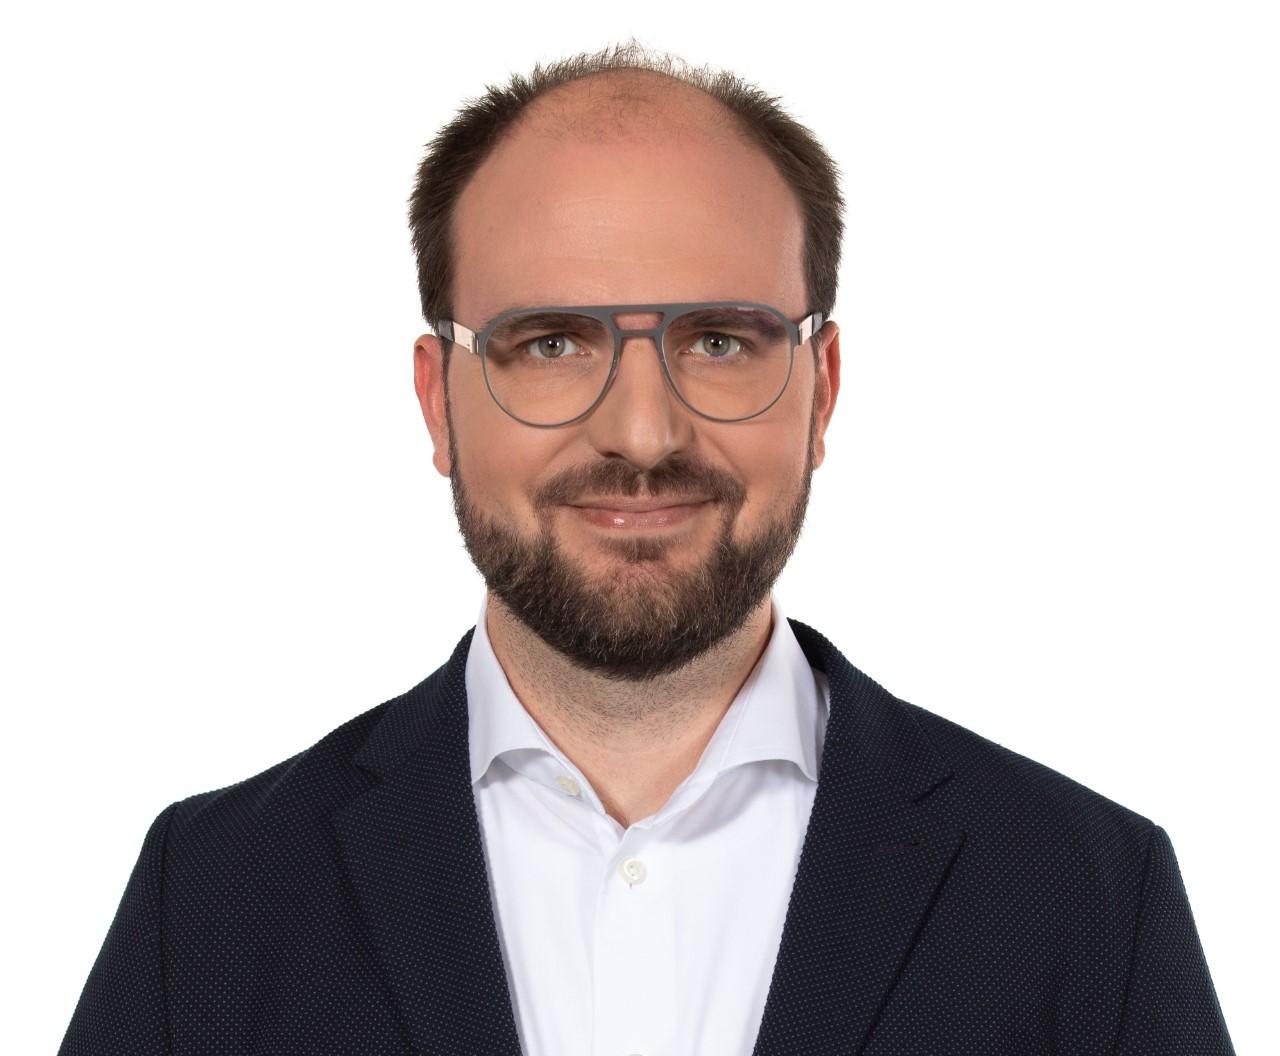 Headshot of podcast guest Ben Weissman